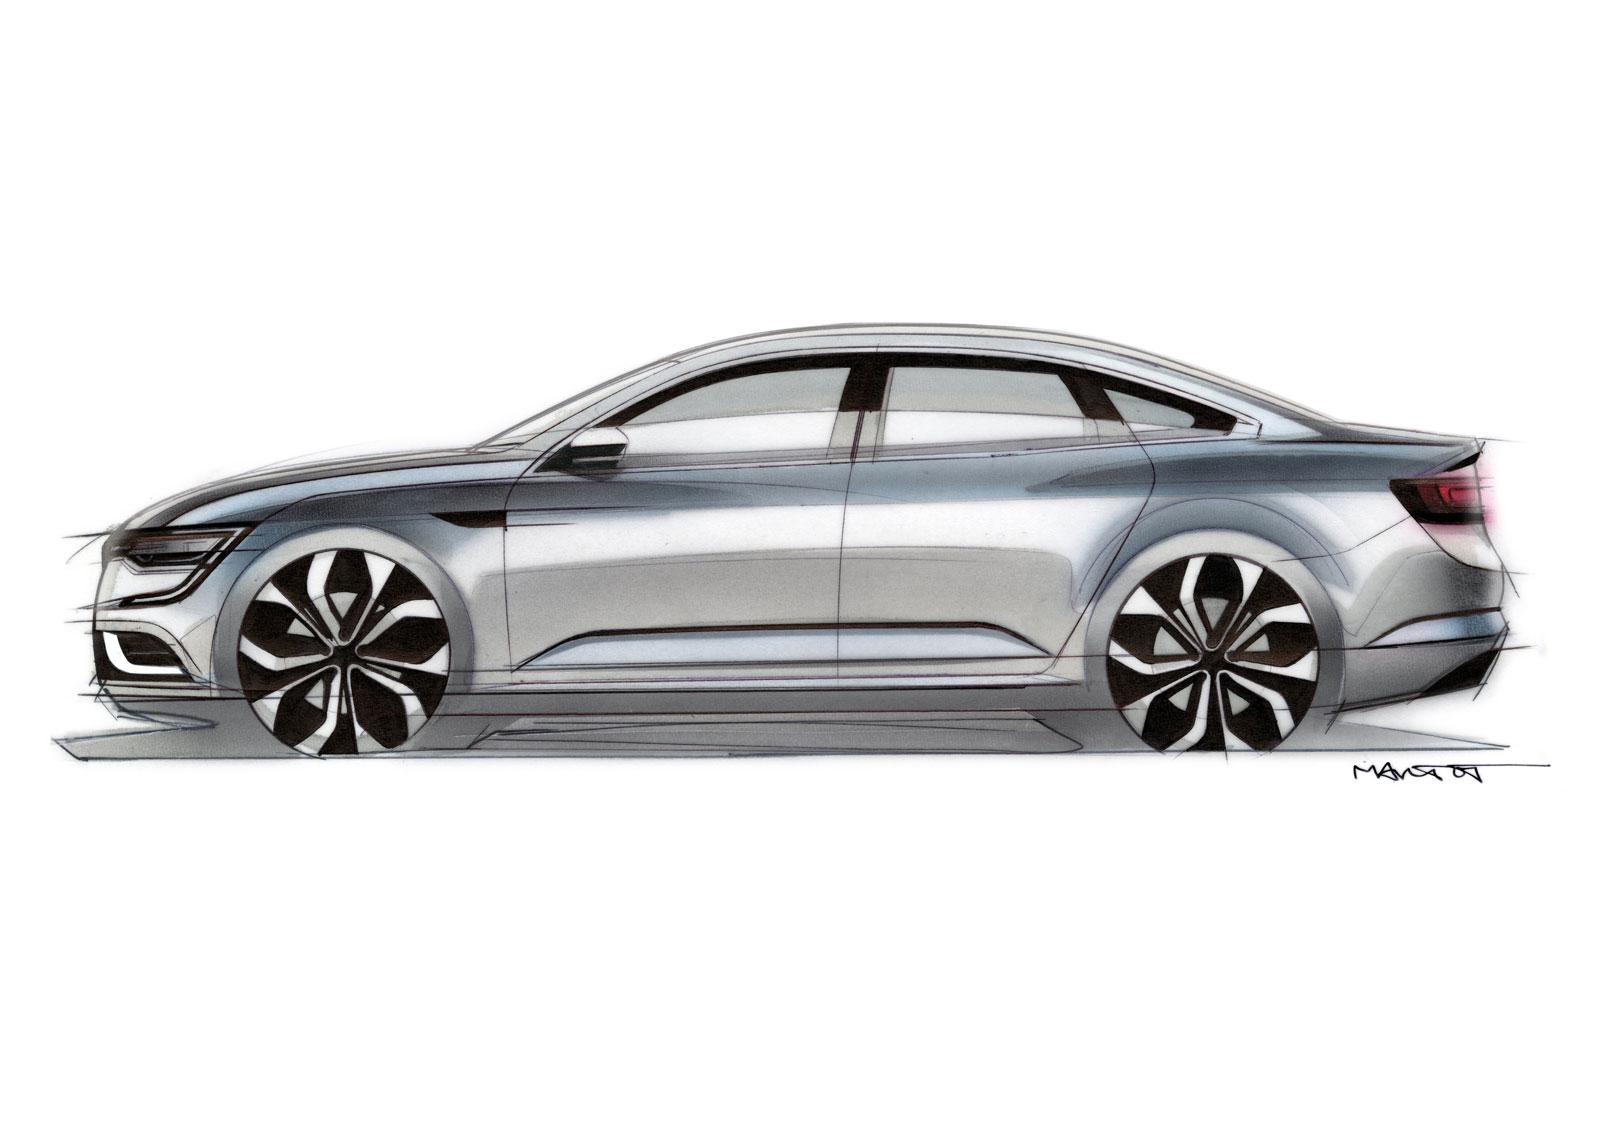 renault talisman design sketch by alexis martot car body design. Black Bedroom Furniture Sets. Home Design Ideas